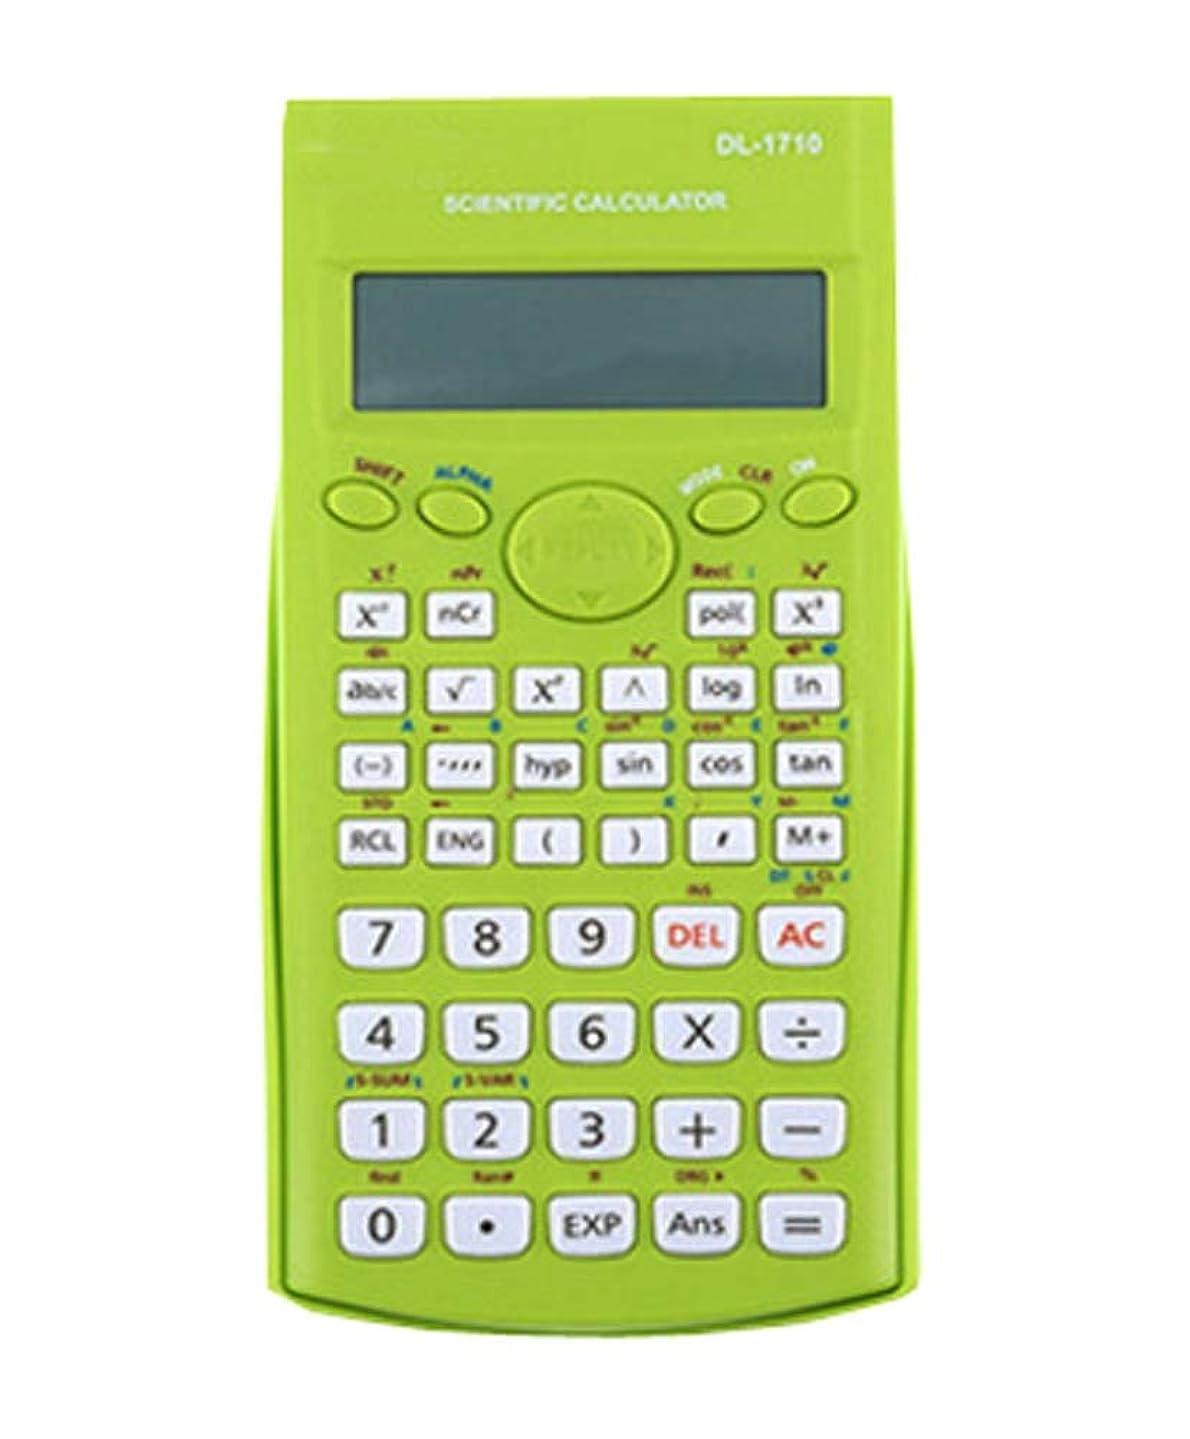 予感三垂直科学電卓、エンジニアリング電卓 - 事務用品、グリーン